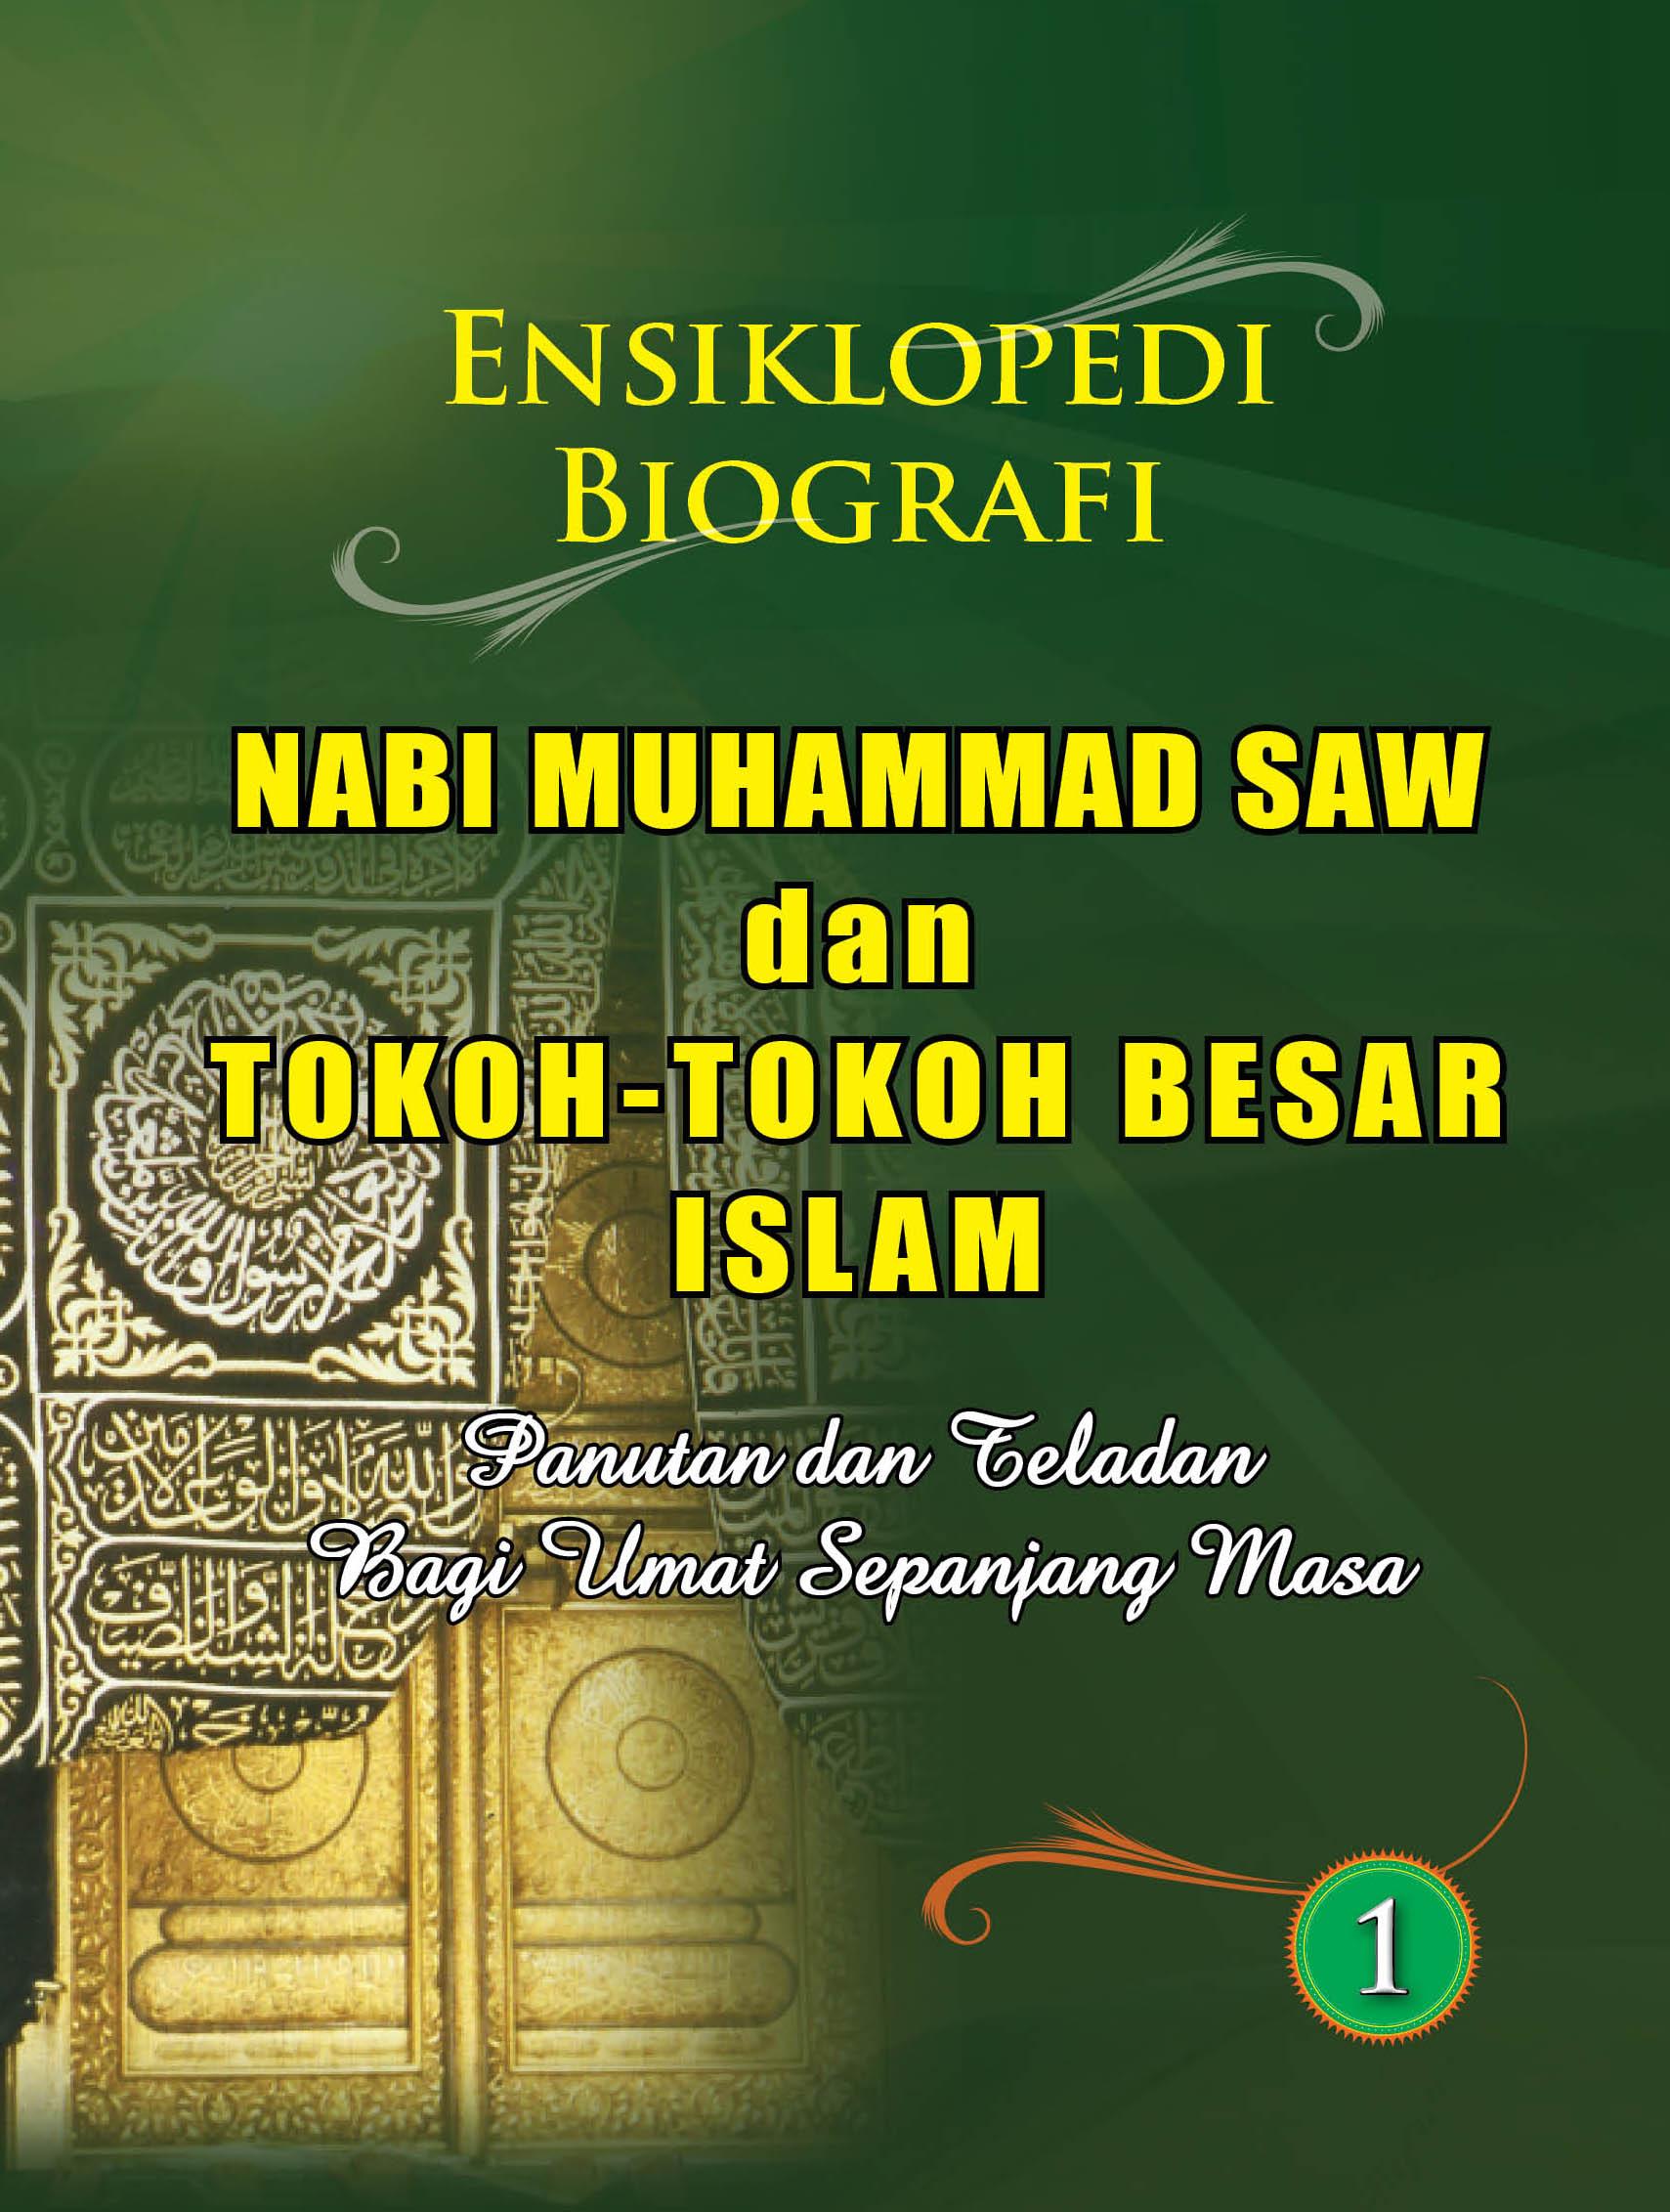 Ensiklopedi Biografi Nabi Muhammad SAW dan Tokoh-tokoh Besar Islam - www.ensiklopediaalquran.com